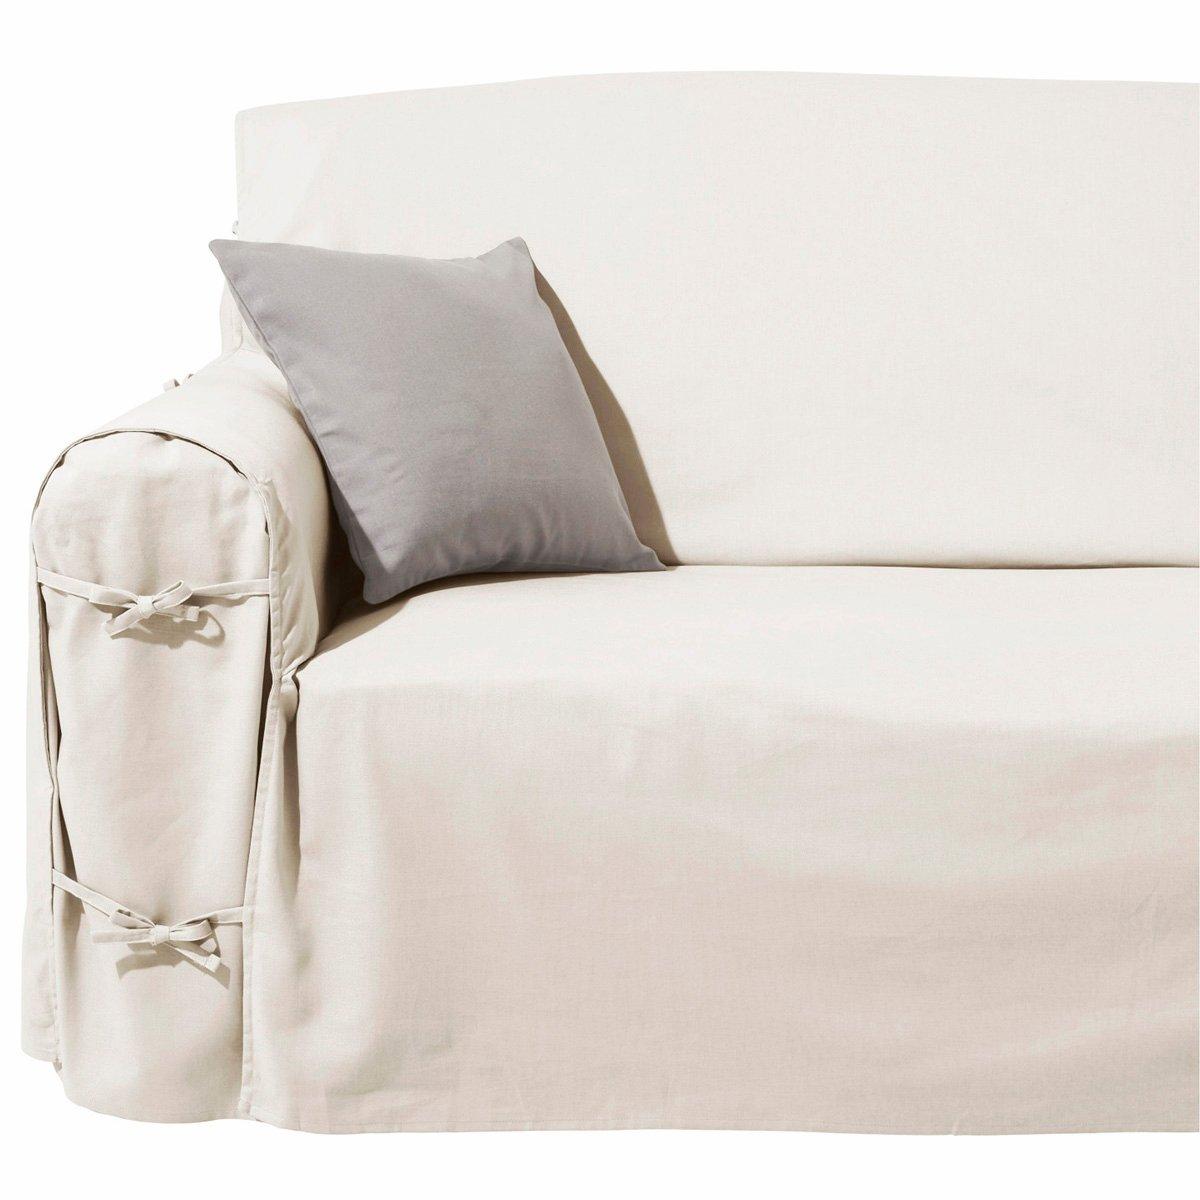 The busy woman and the stripy cat a sofa slipcover uma for La redoute fundas sofa